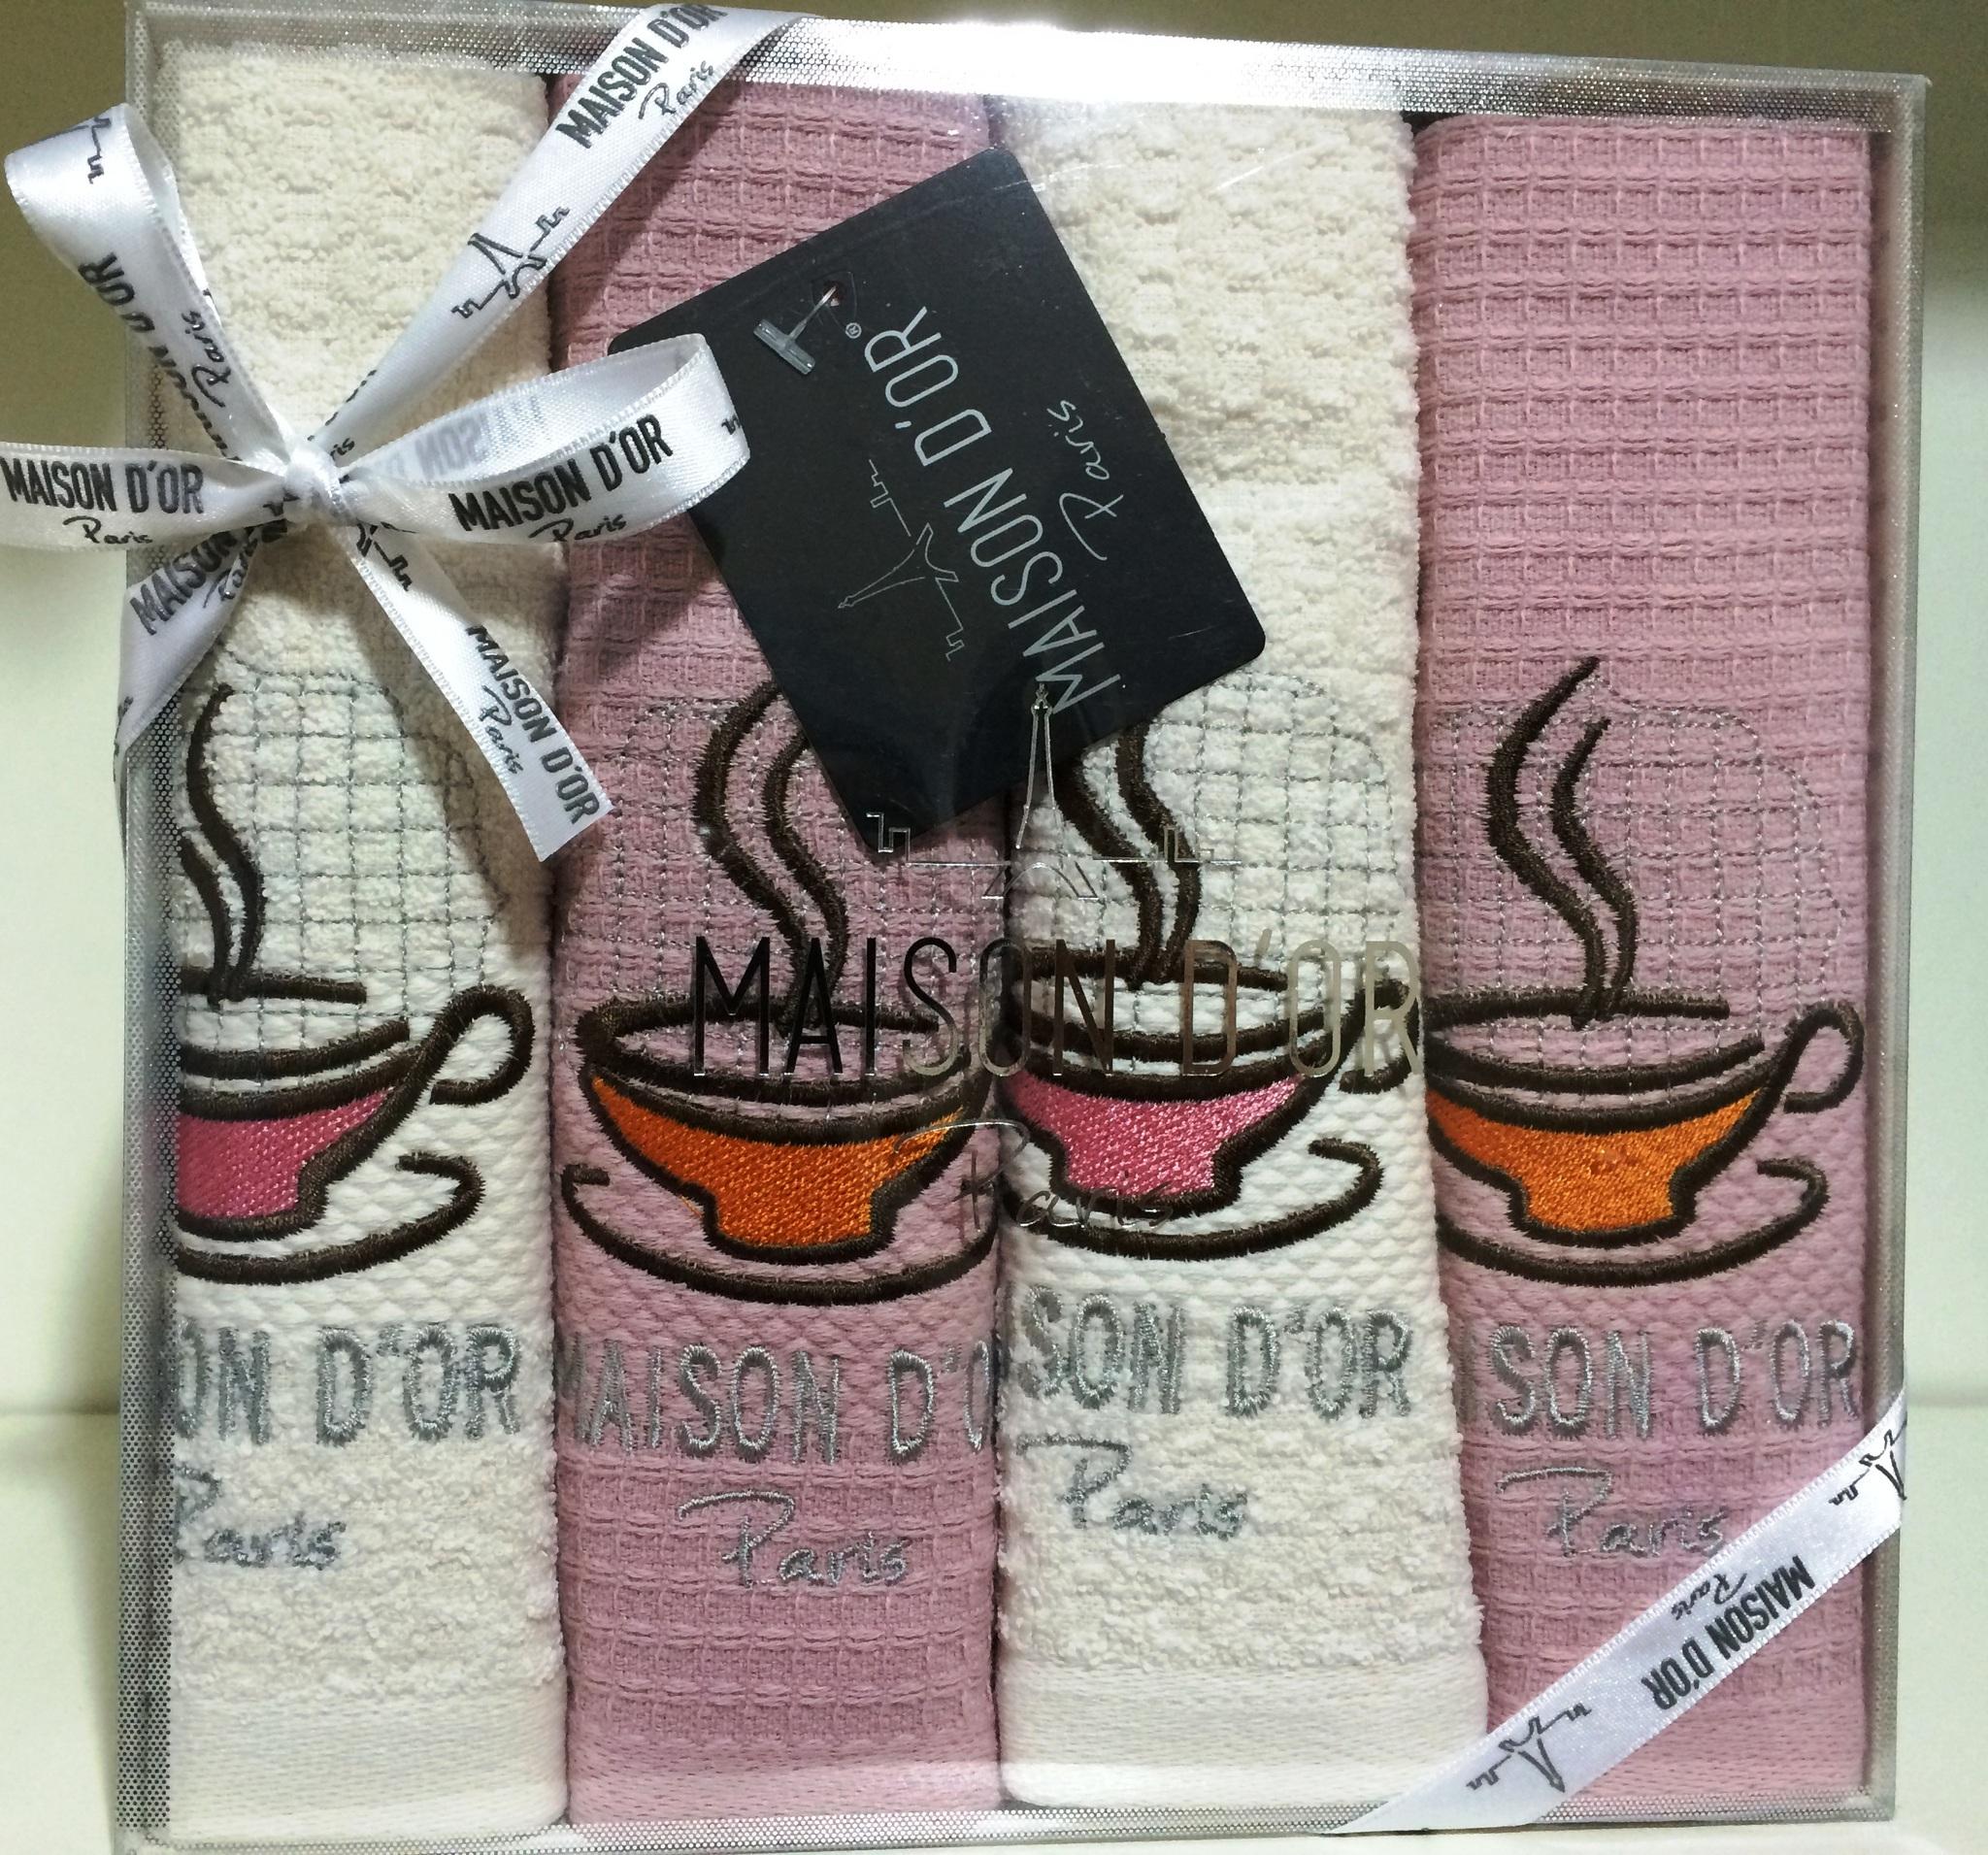 Кухонные полотенца Набор  для кухни  MOSAIC  МОСАИК  в размере 40х60  Maison Dor (Турция) MOSAIC__2_.JPG